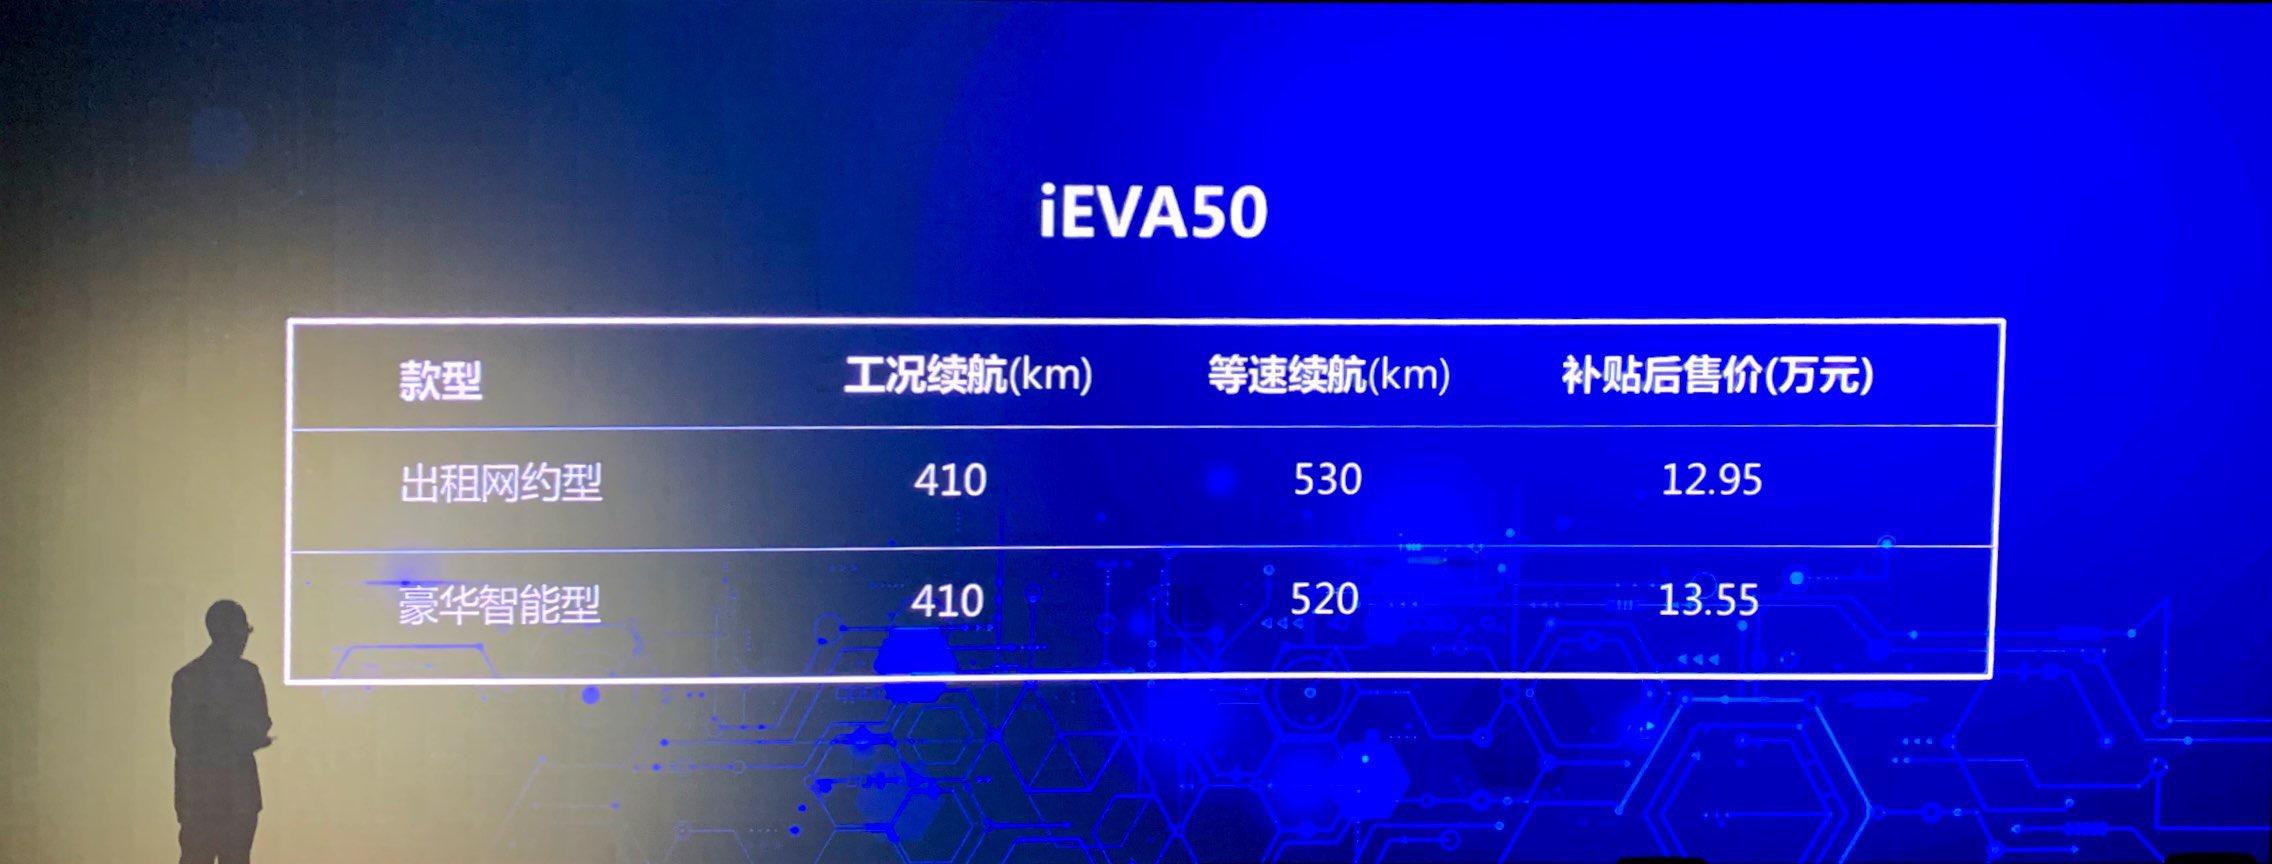 江淮iEVA50价格发布 补贴后12.95-13.55万元